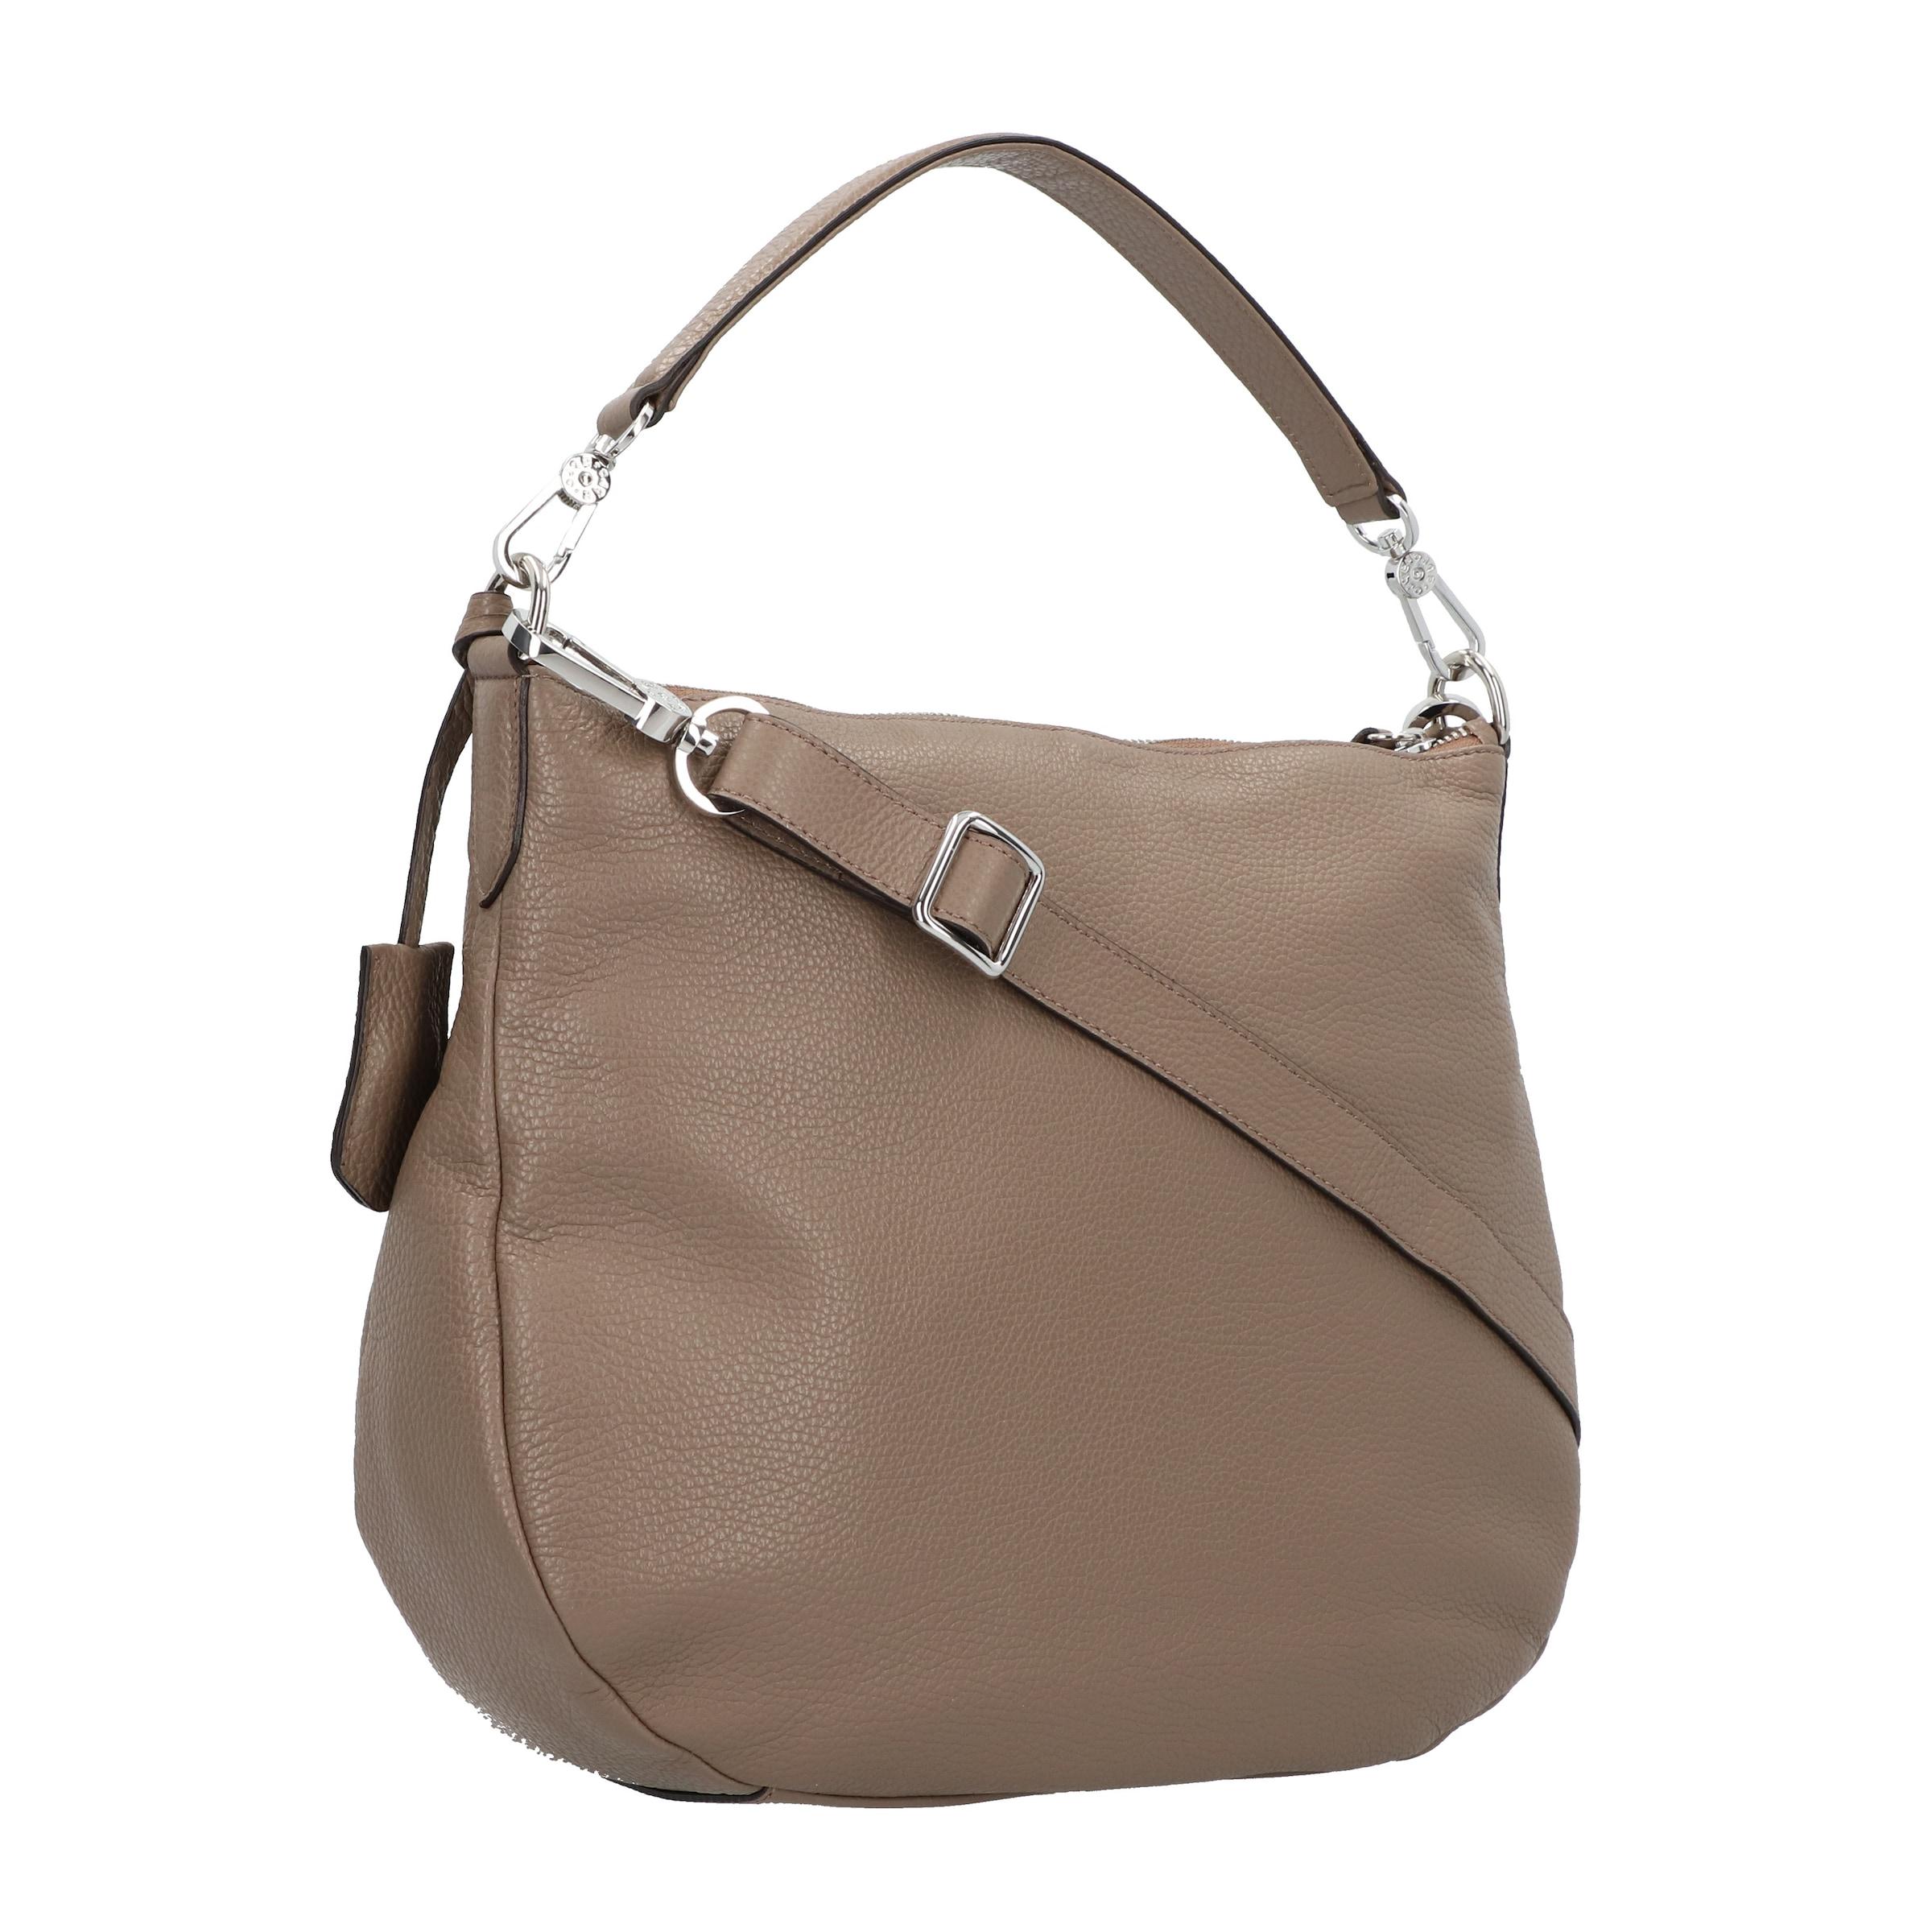 Abro Handtasche 'adria' 'adria' Taupe Abro Handtasche In 53RjL4Aq